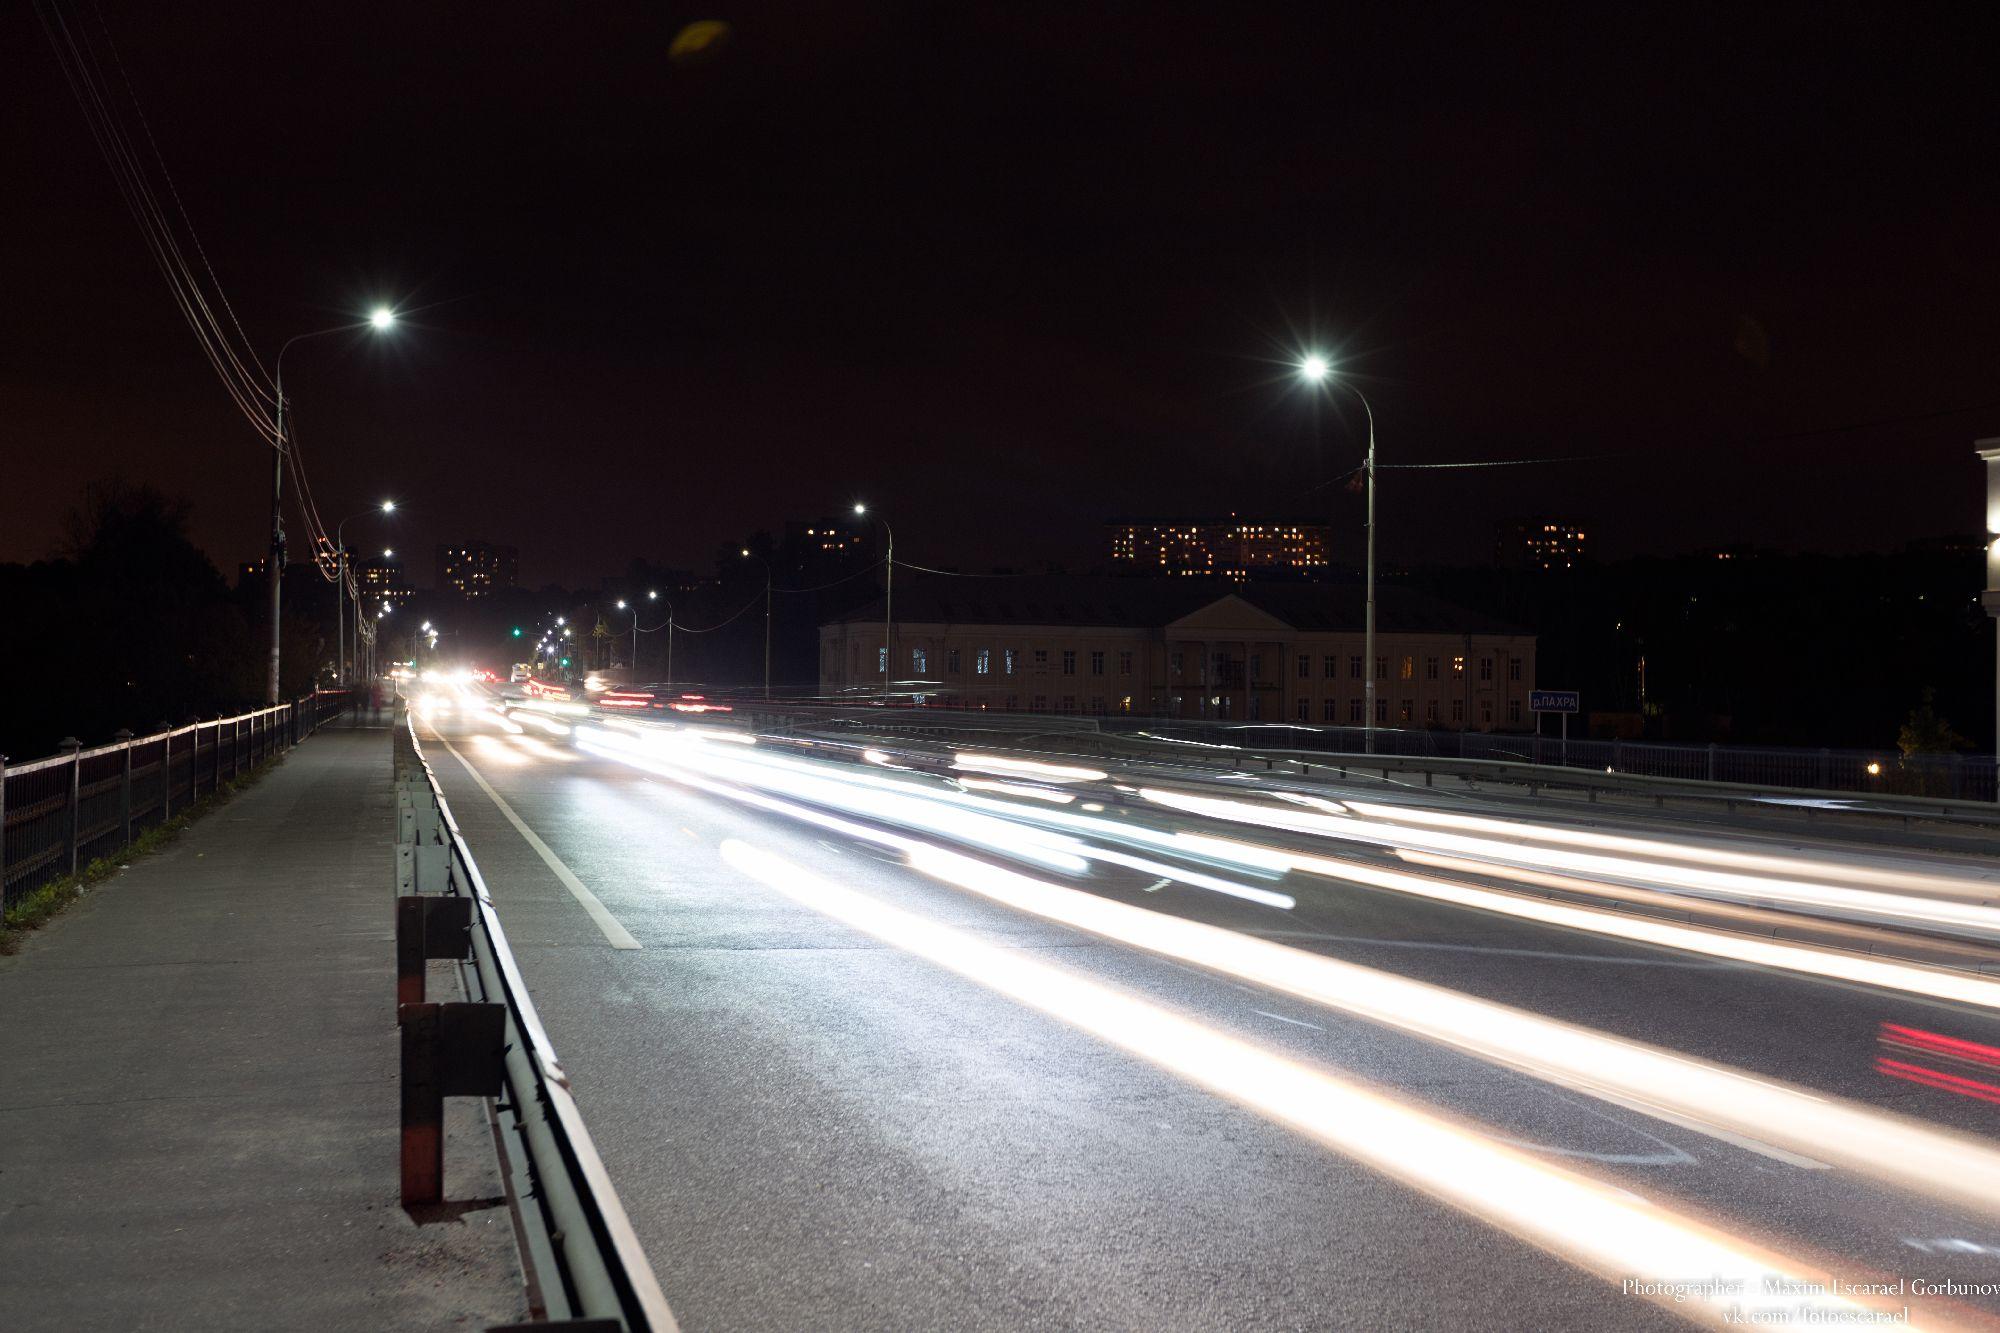 Мост через реку Пахра. Выдержка - 30 секунд